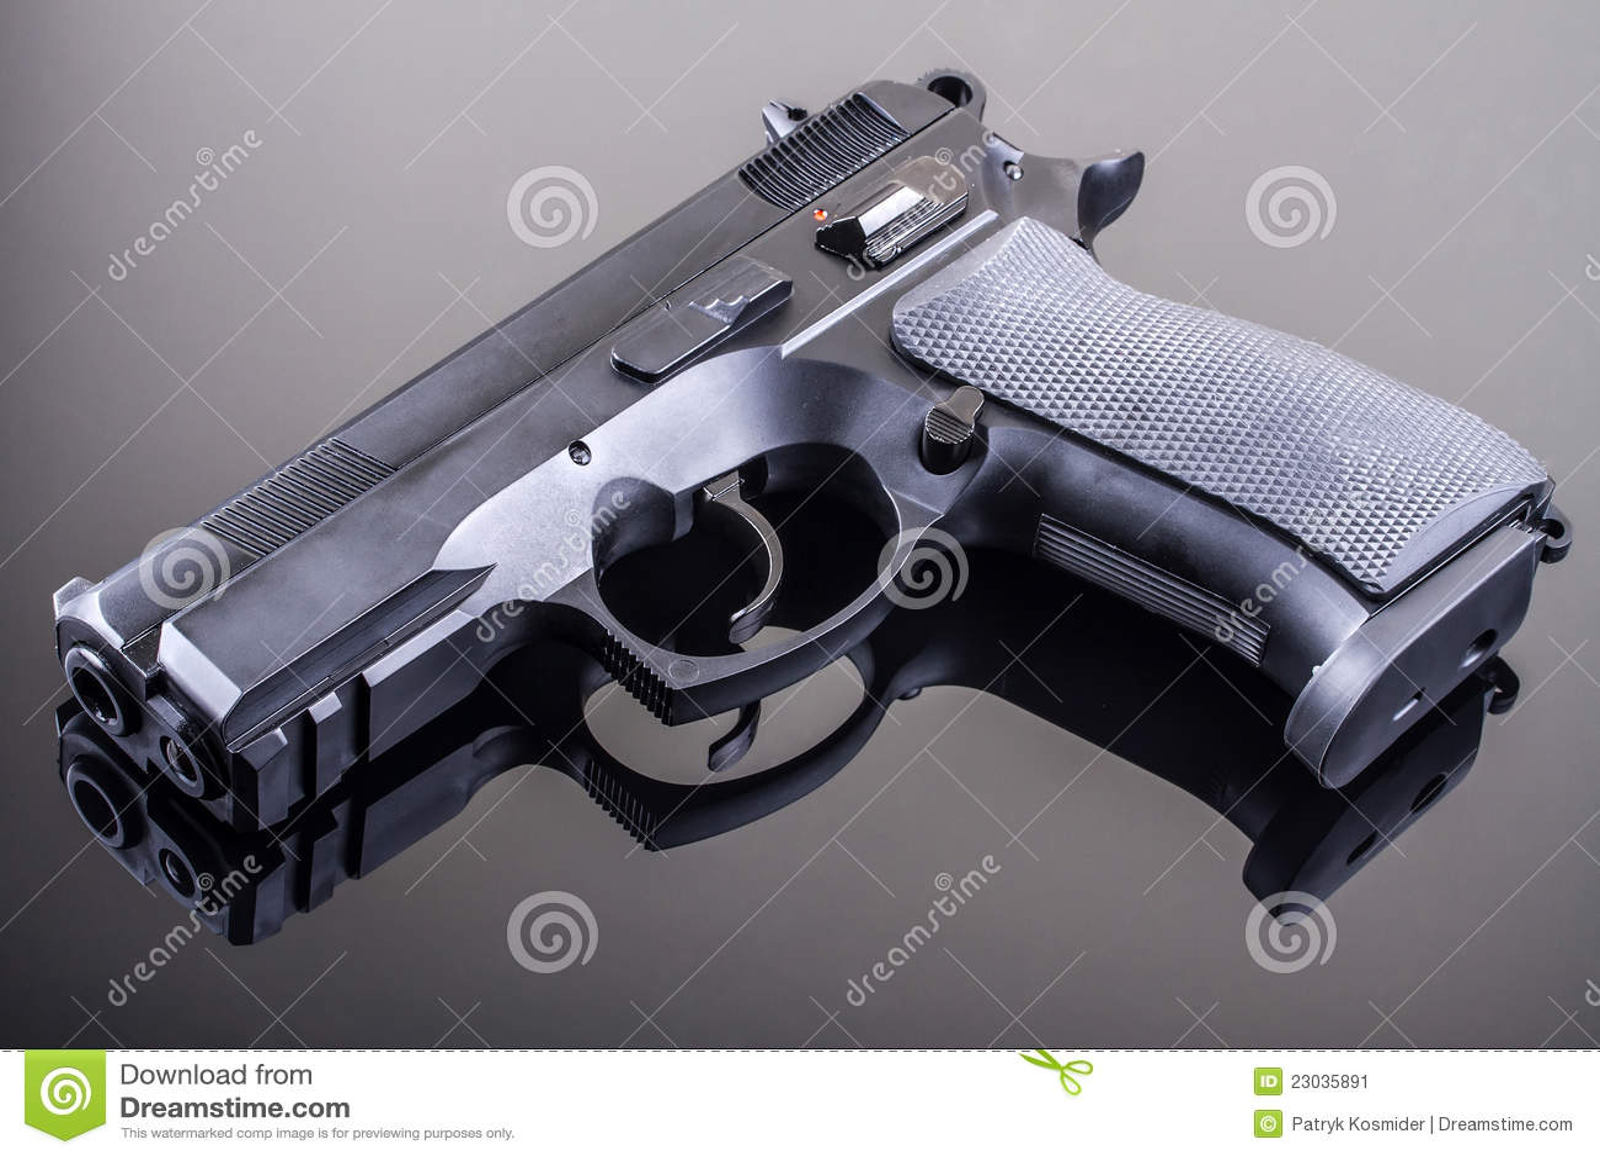 Gun On Glass Table Stock Image - Image: 23035891